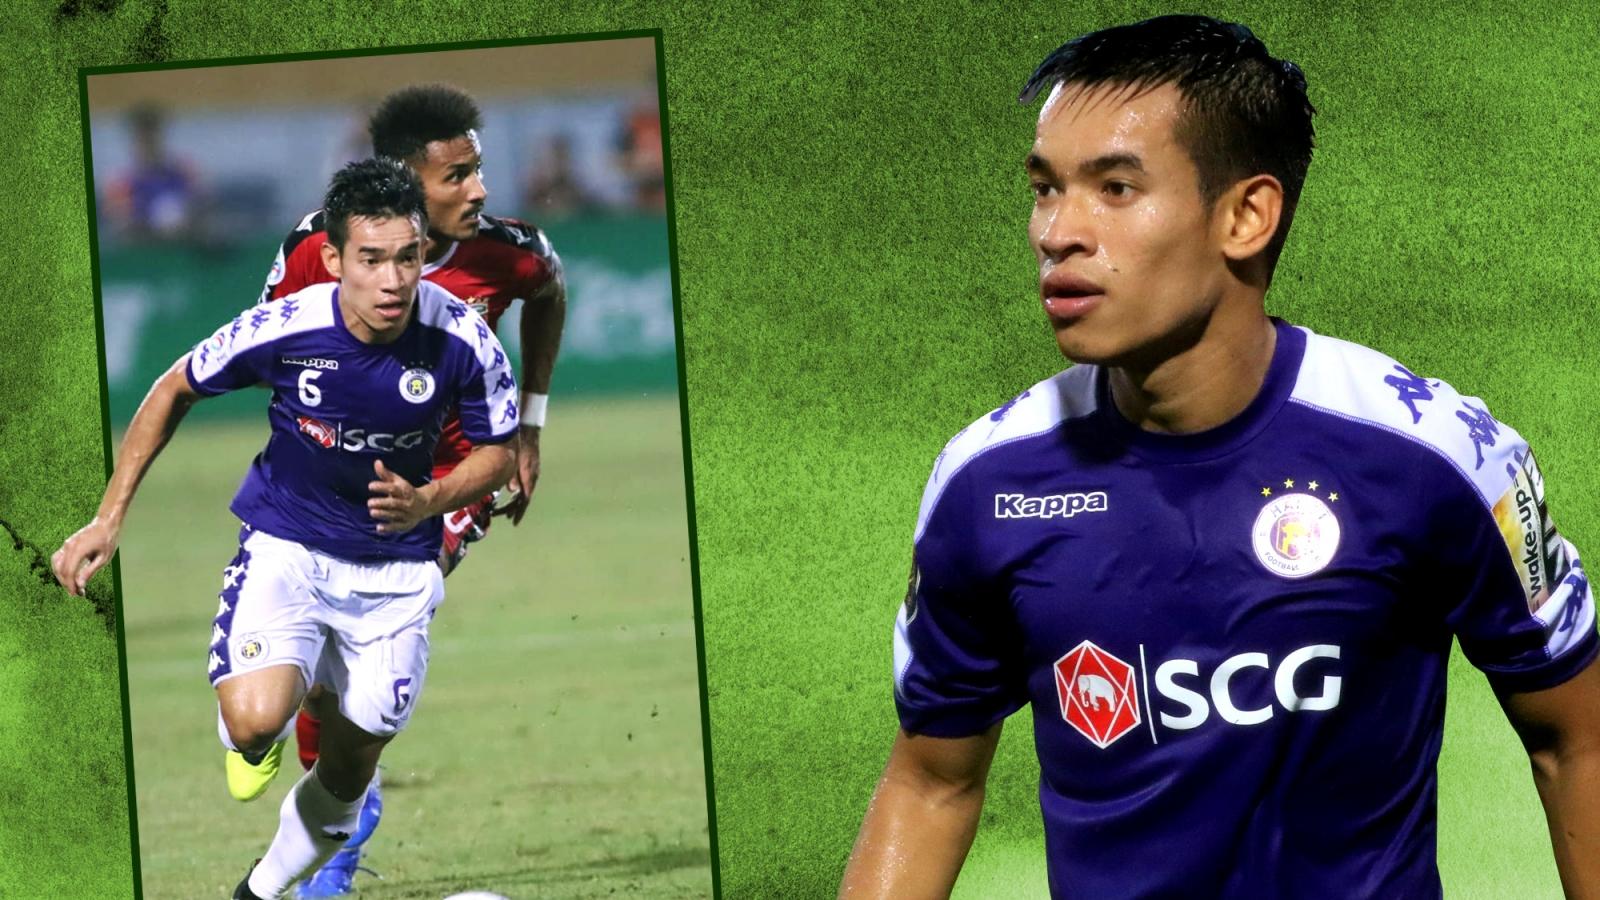 Đậu Văn Toàn - chàng trai Đinh Sửu cự tuyệt cầu lông để kết duyên với bóng đá